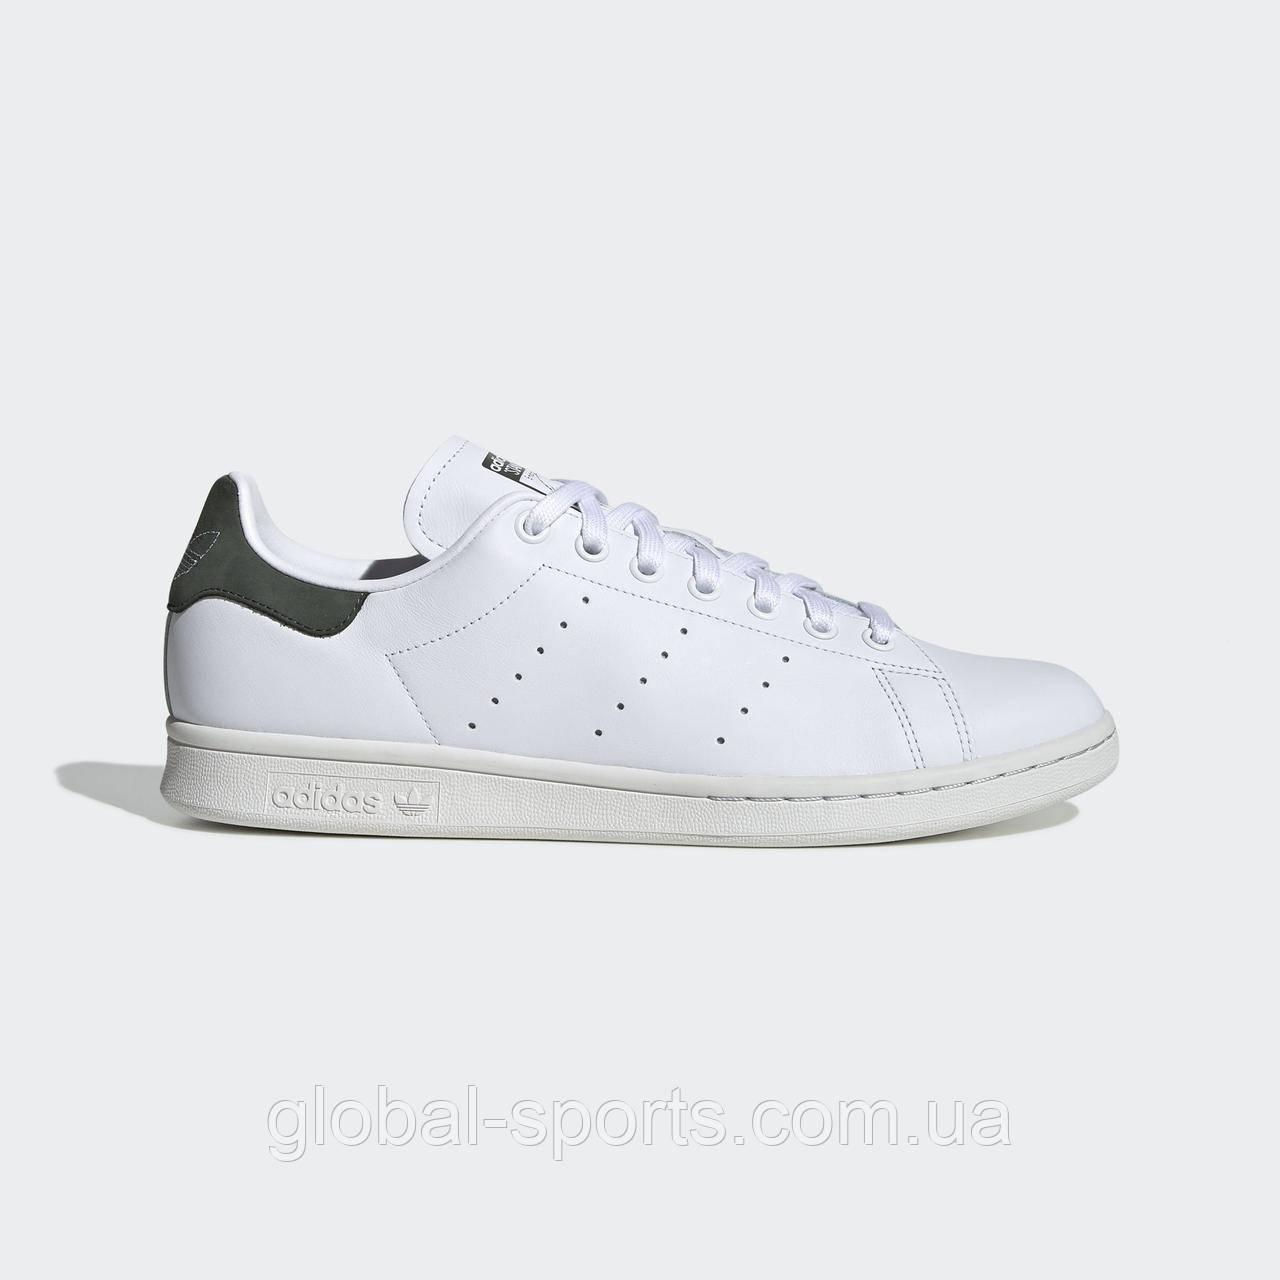 Чоловічі кросівки Adidas Originals Stan Smith(Артикул:BD7444)